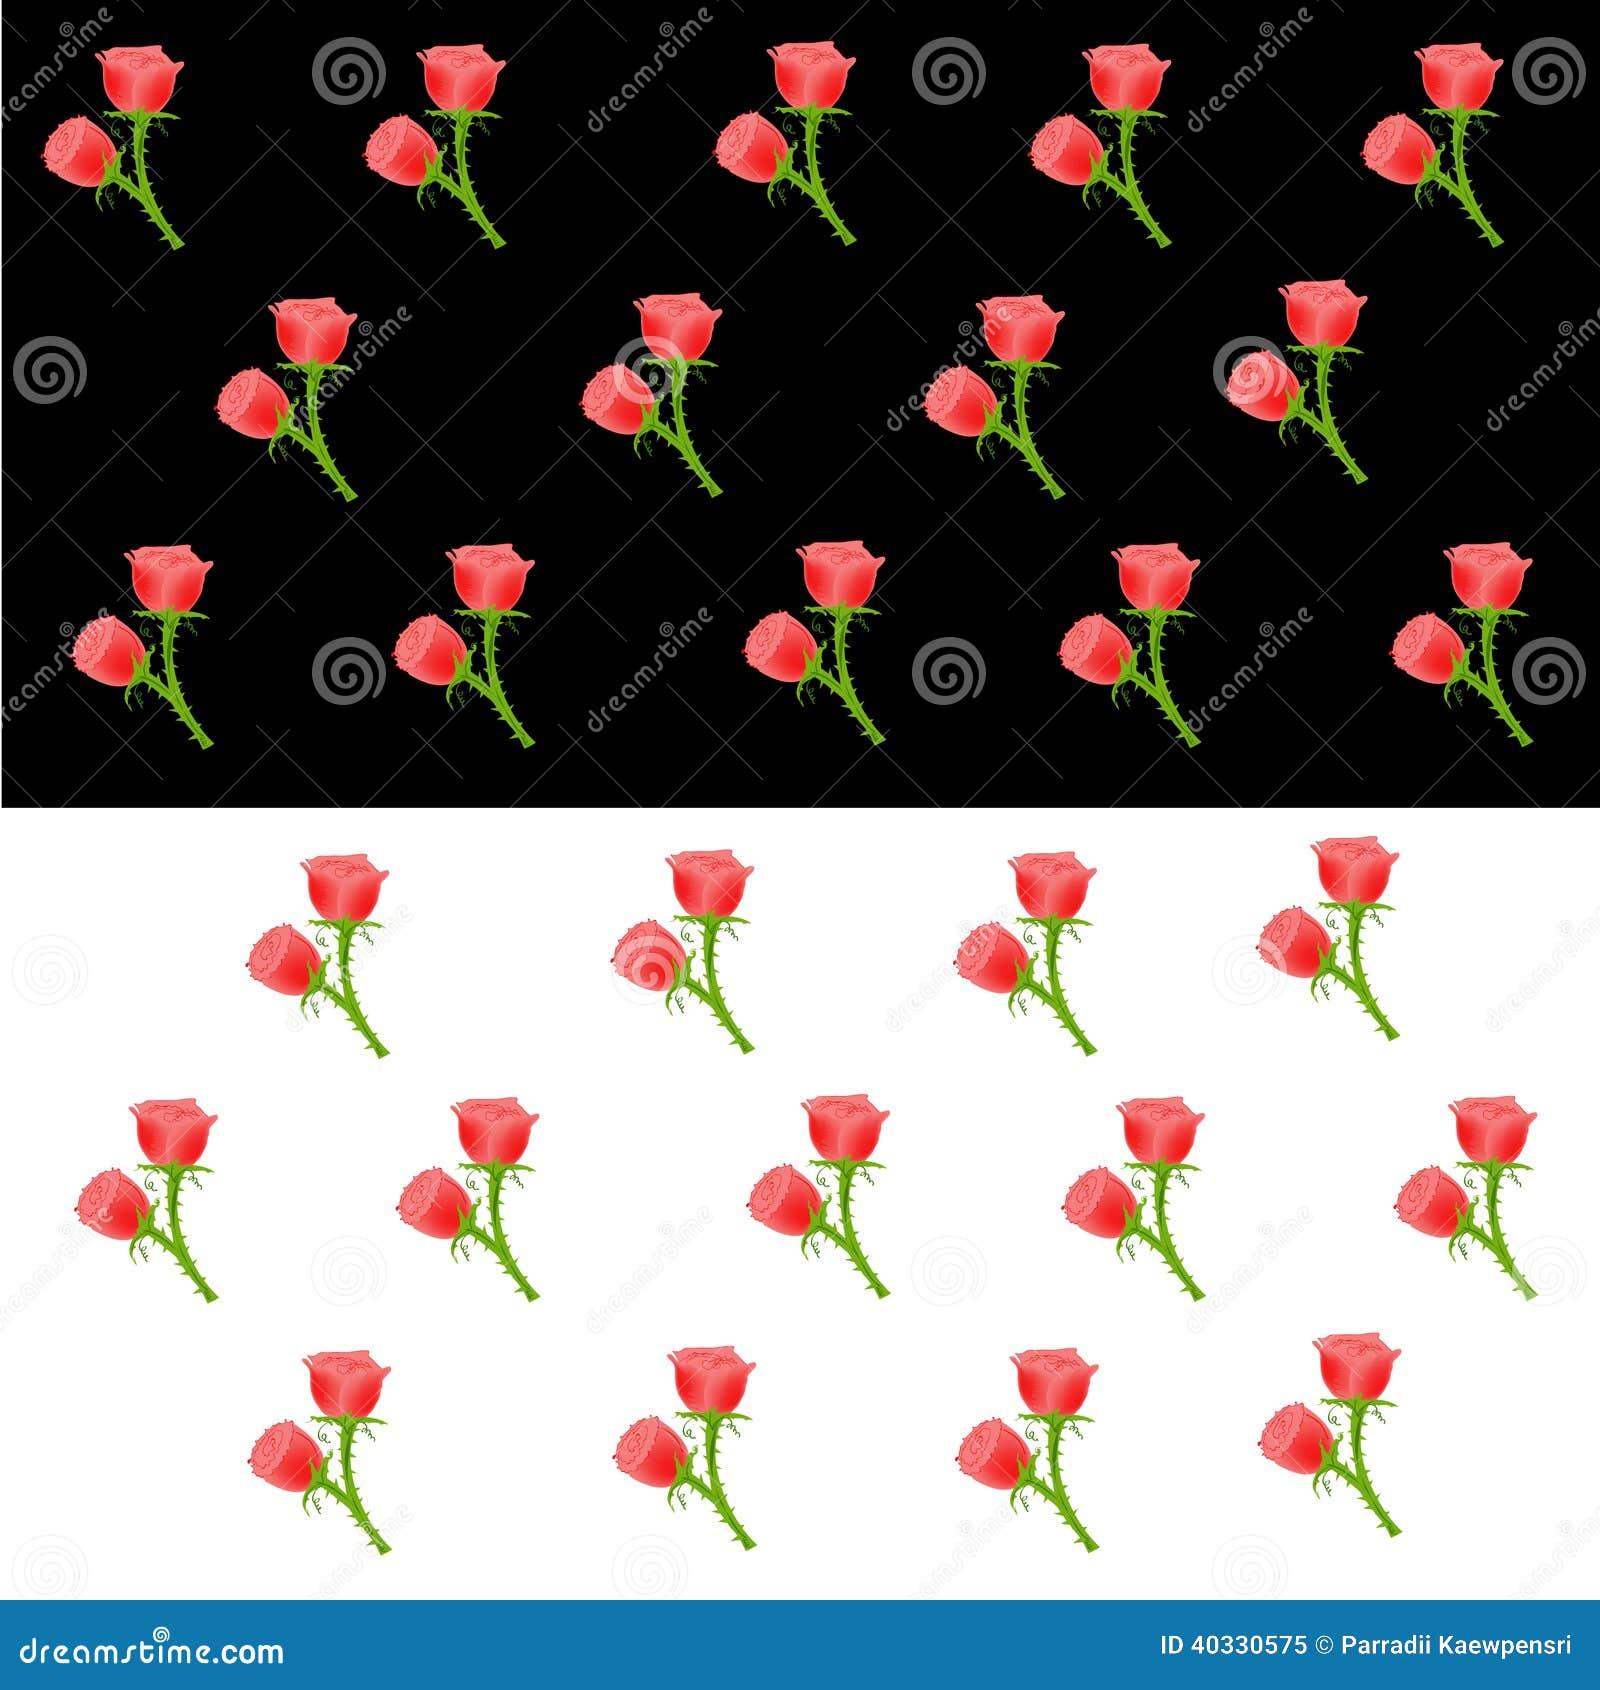 parede vermelha : Papel De Parede De Rosa Vermelha Ilustra??o do Vetor - Imagem ...